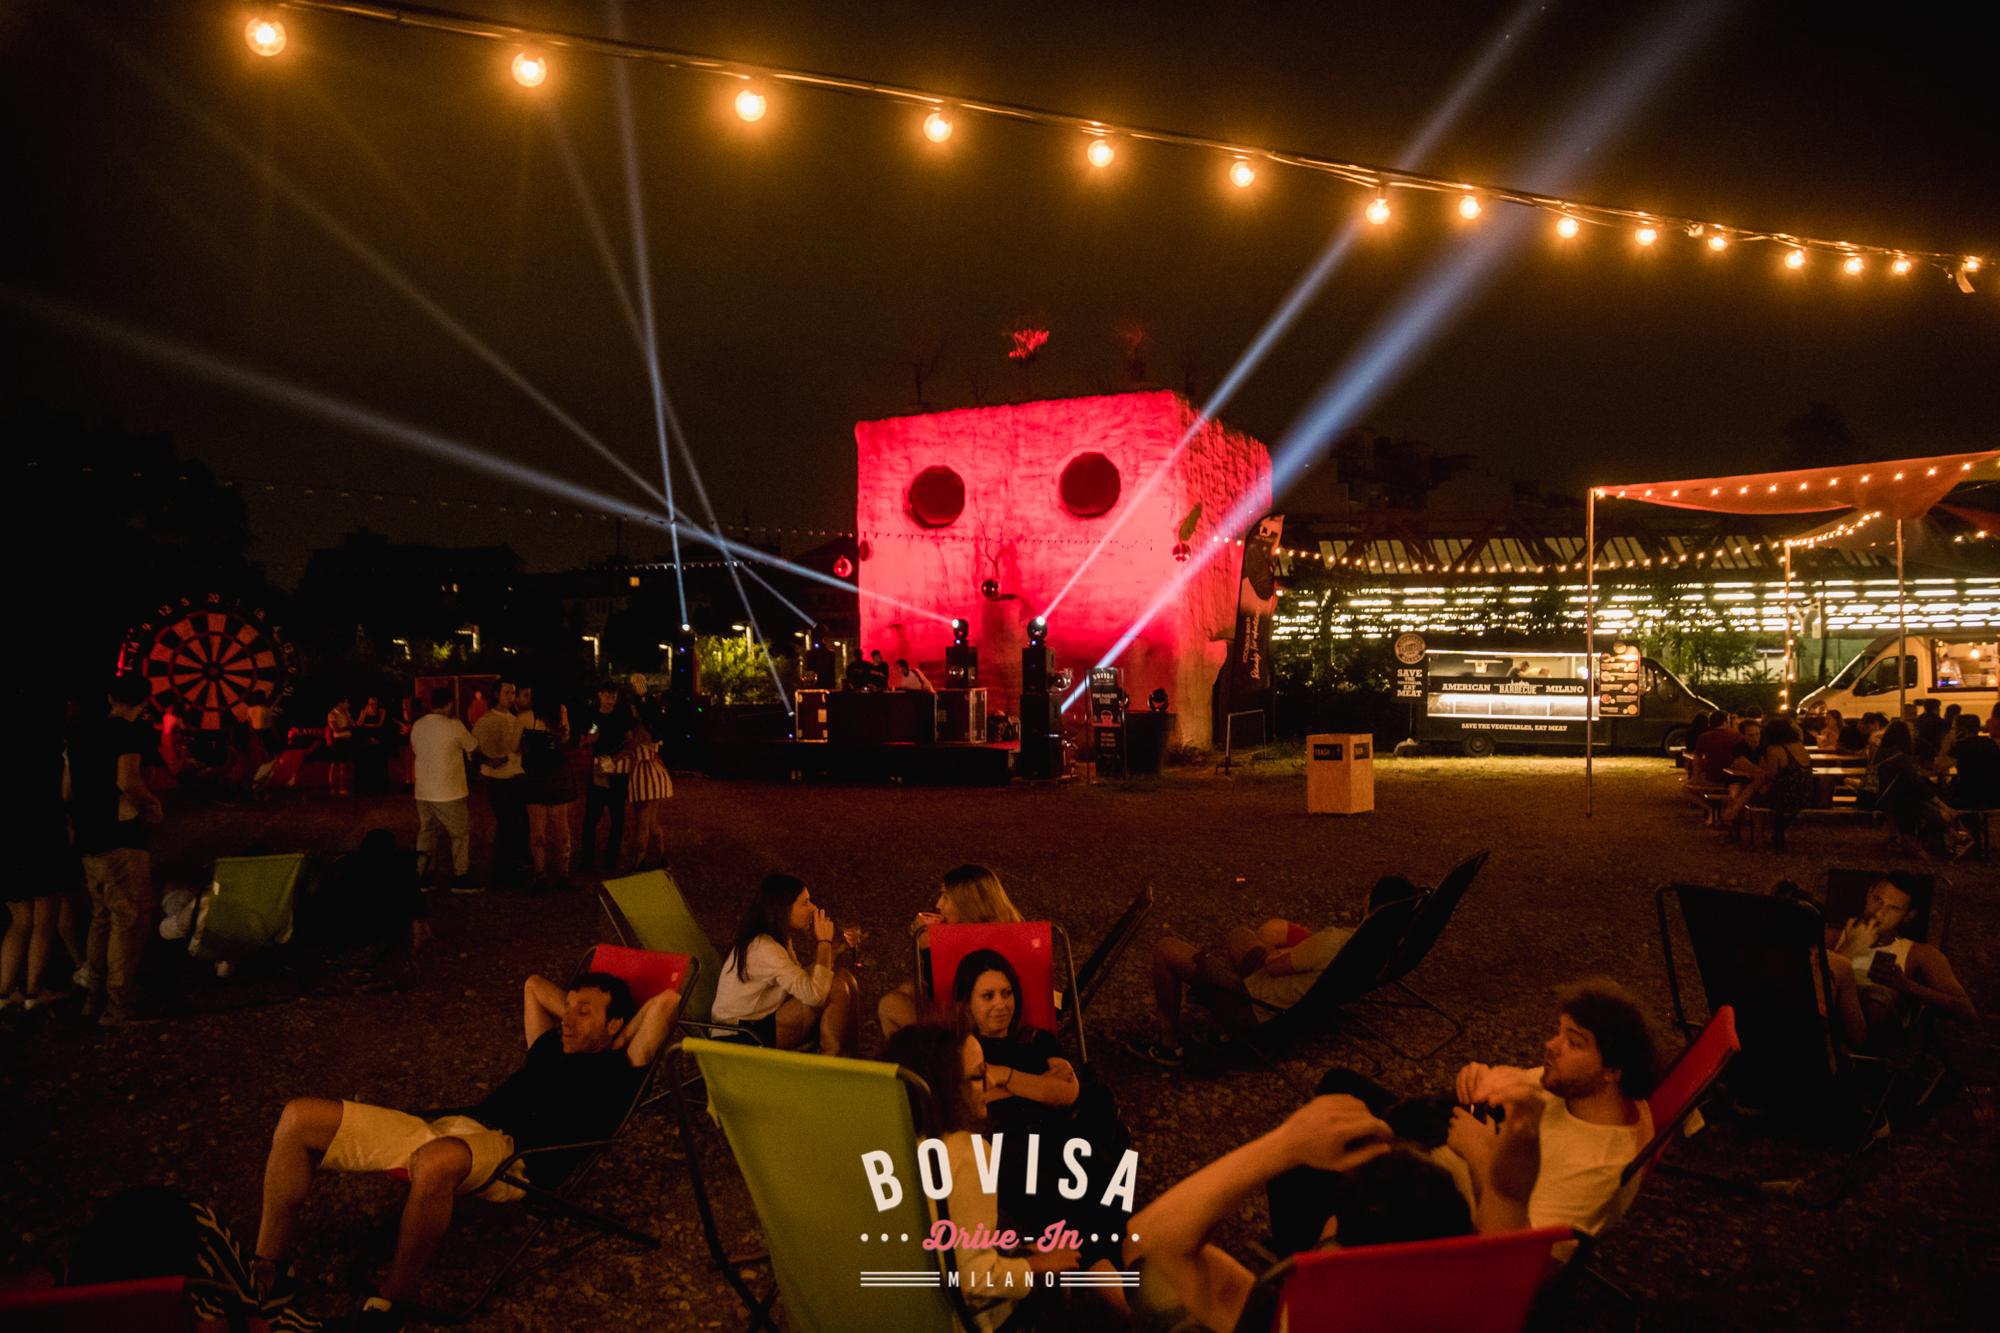 #6 Bovisa Drive-In - Festival dell'Anguria cinema food truck bar attrazioni milano